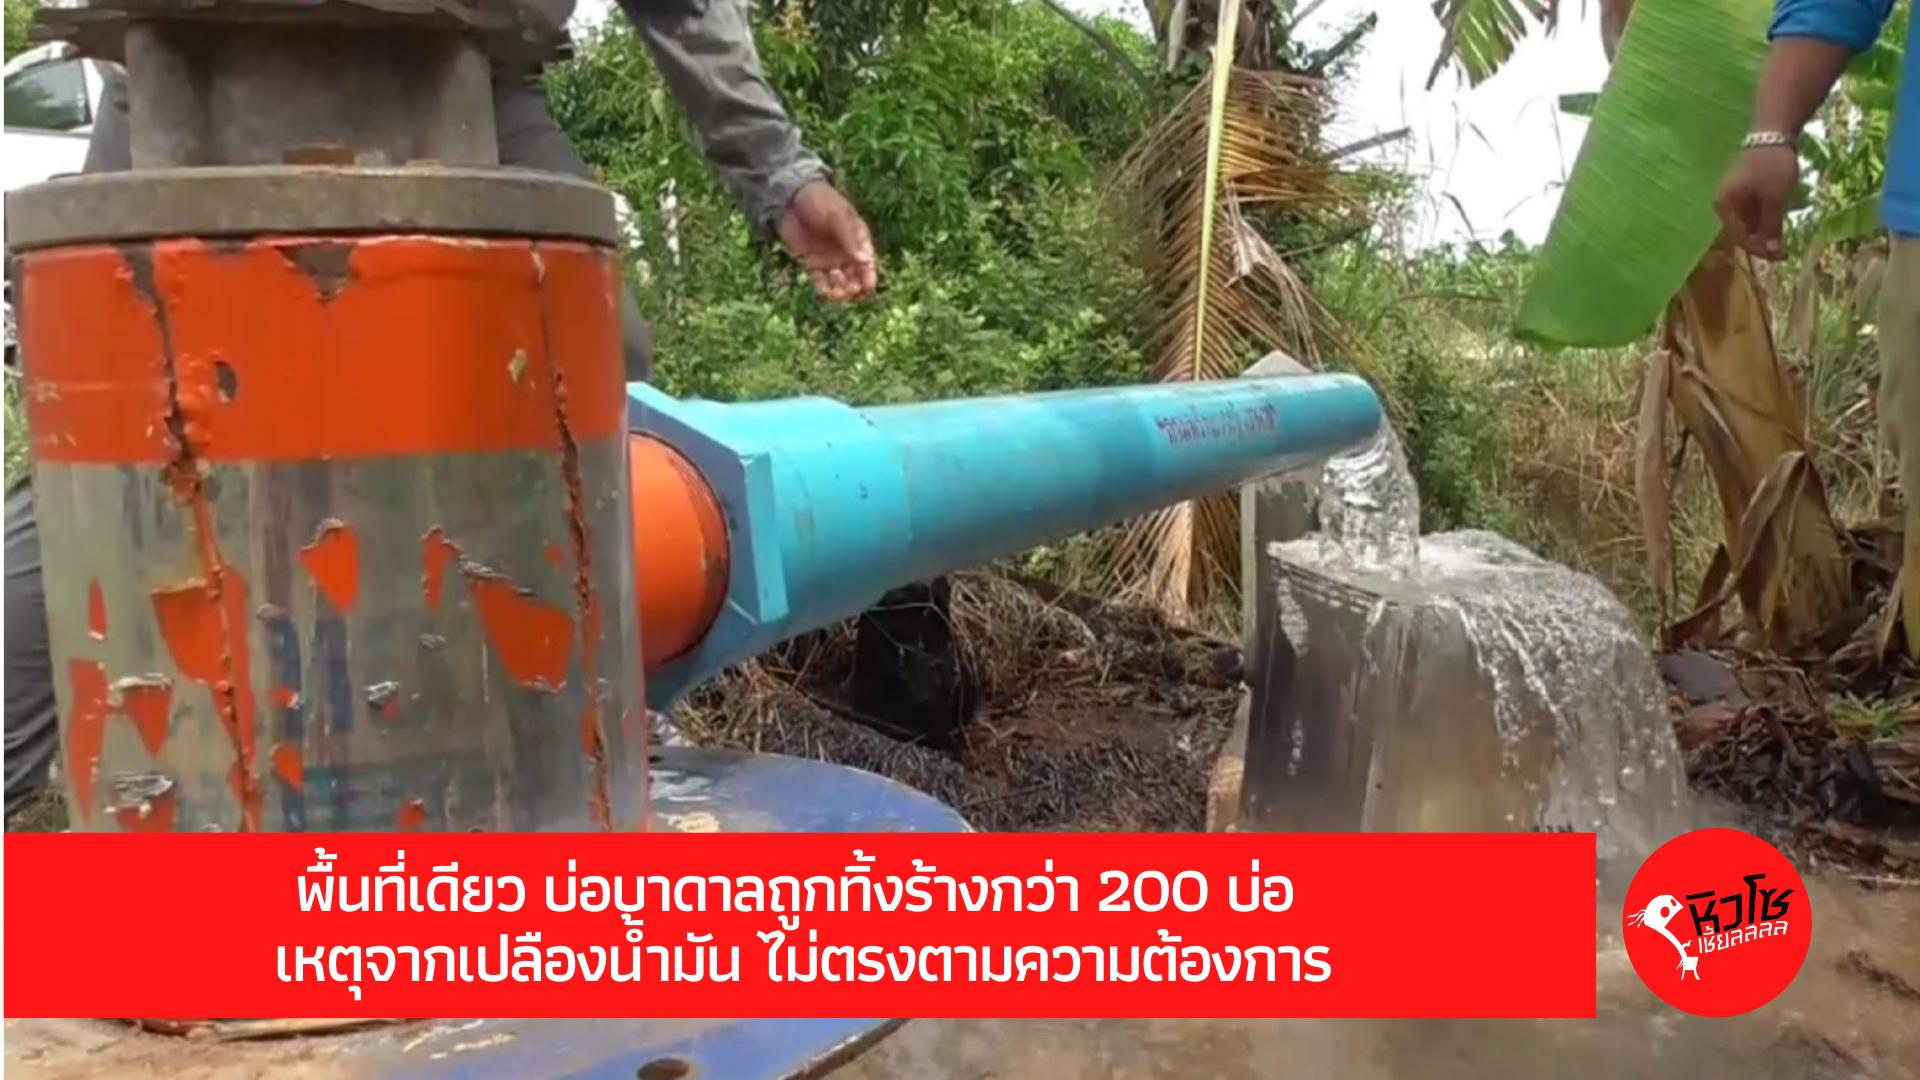 พื้นที่เดียว บ่อบาดาลถูกทิ้งร้างกว่า 200 บ่อ เหตุจากเปลืองน้ำมัน ไม่ตรงตามความต้องการ